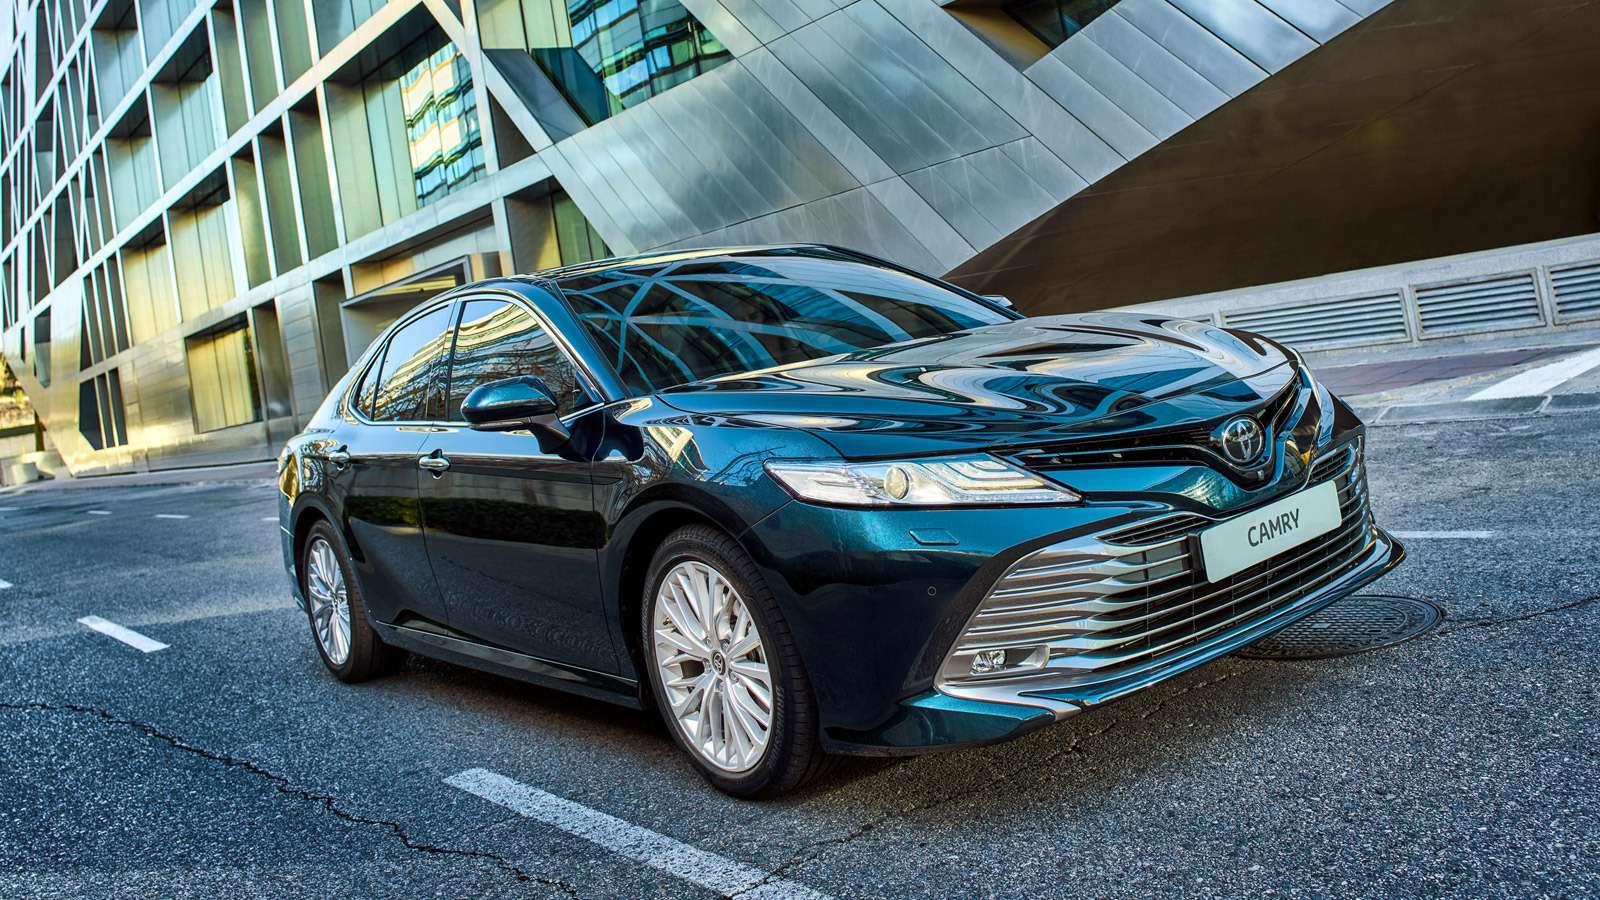 Toyota Camry: названы российские цены. Напервый взгляд, стало дешевле— фото 859047